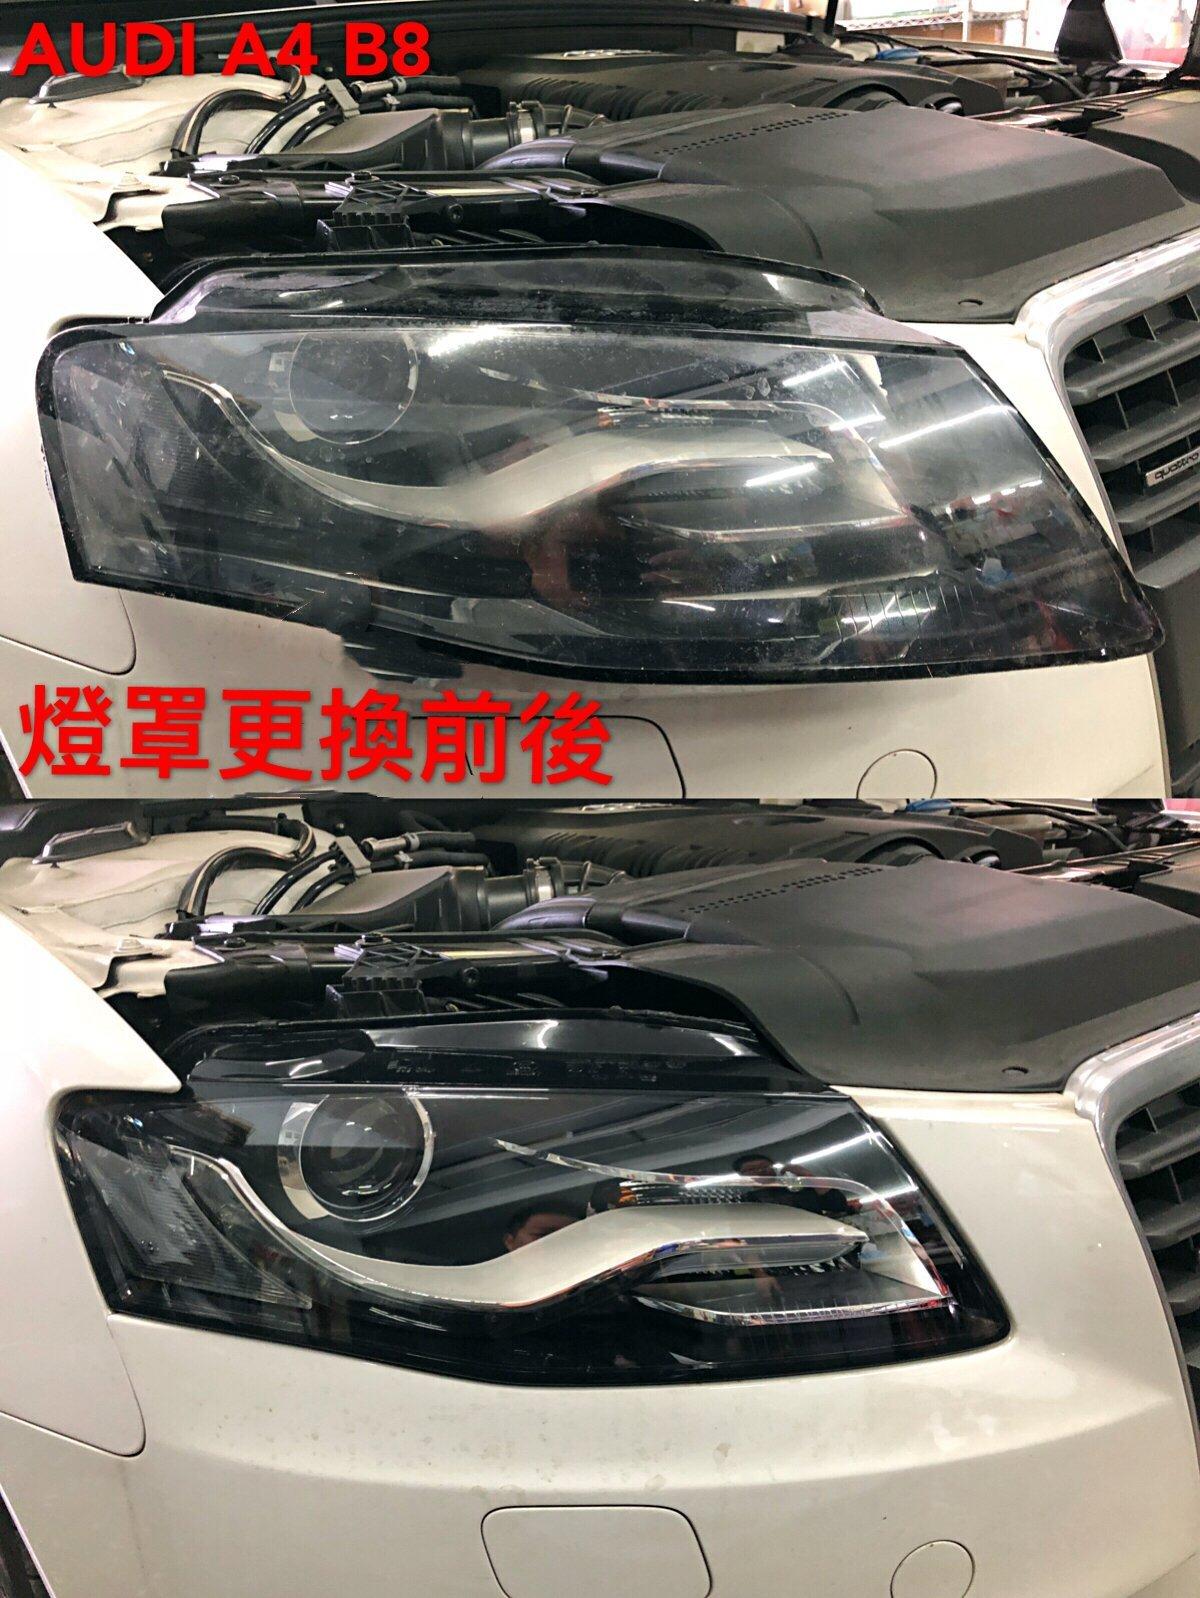 翔宸自動車 大燈鏡面更換工程 燈罩換新 非大燈拋光 奧迪 AUDI A4 B7 B8 B8.5 A5 C7